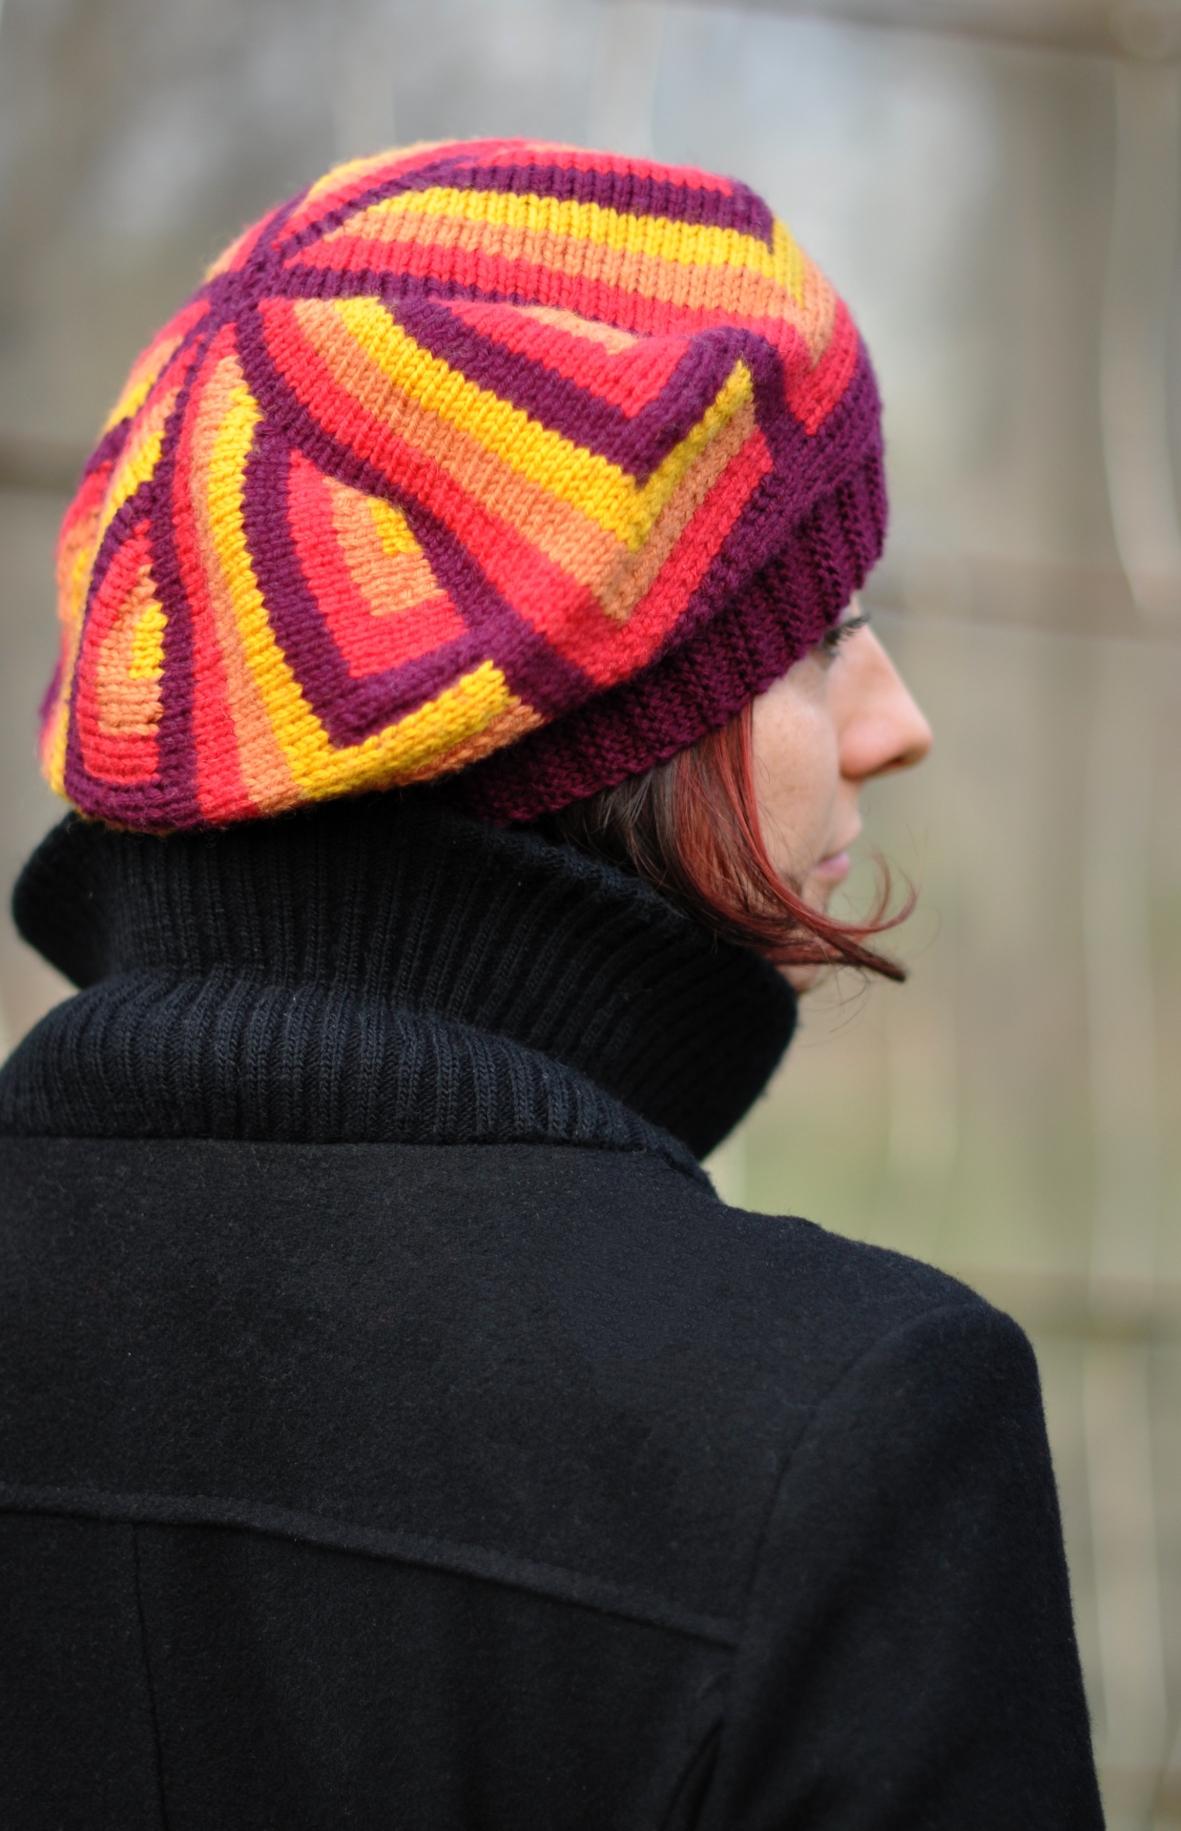 Sherbert Fountain sideways knit stranded Hat pattern